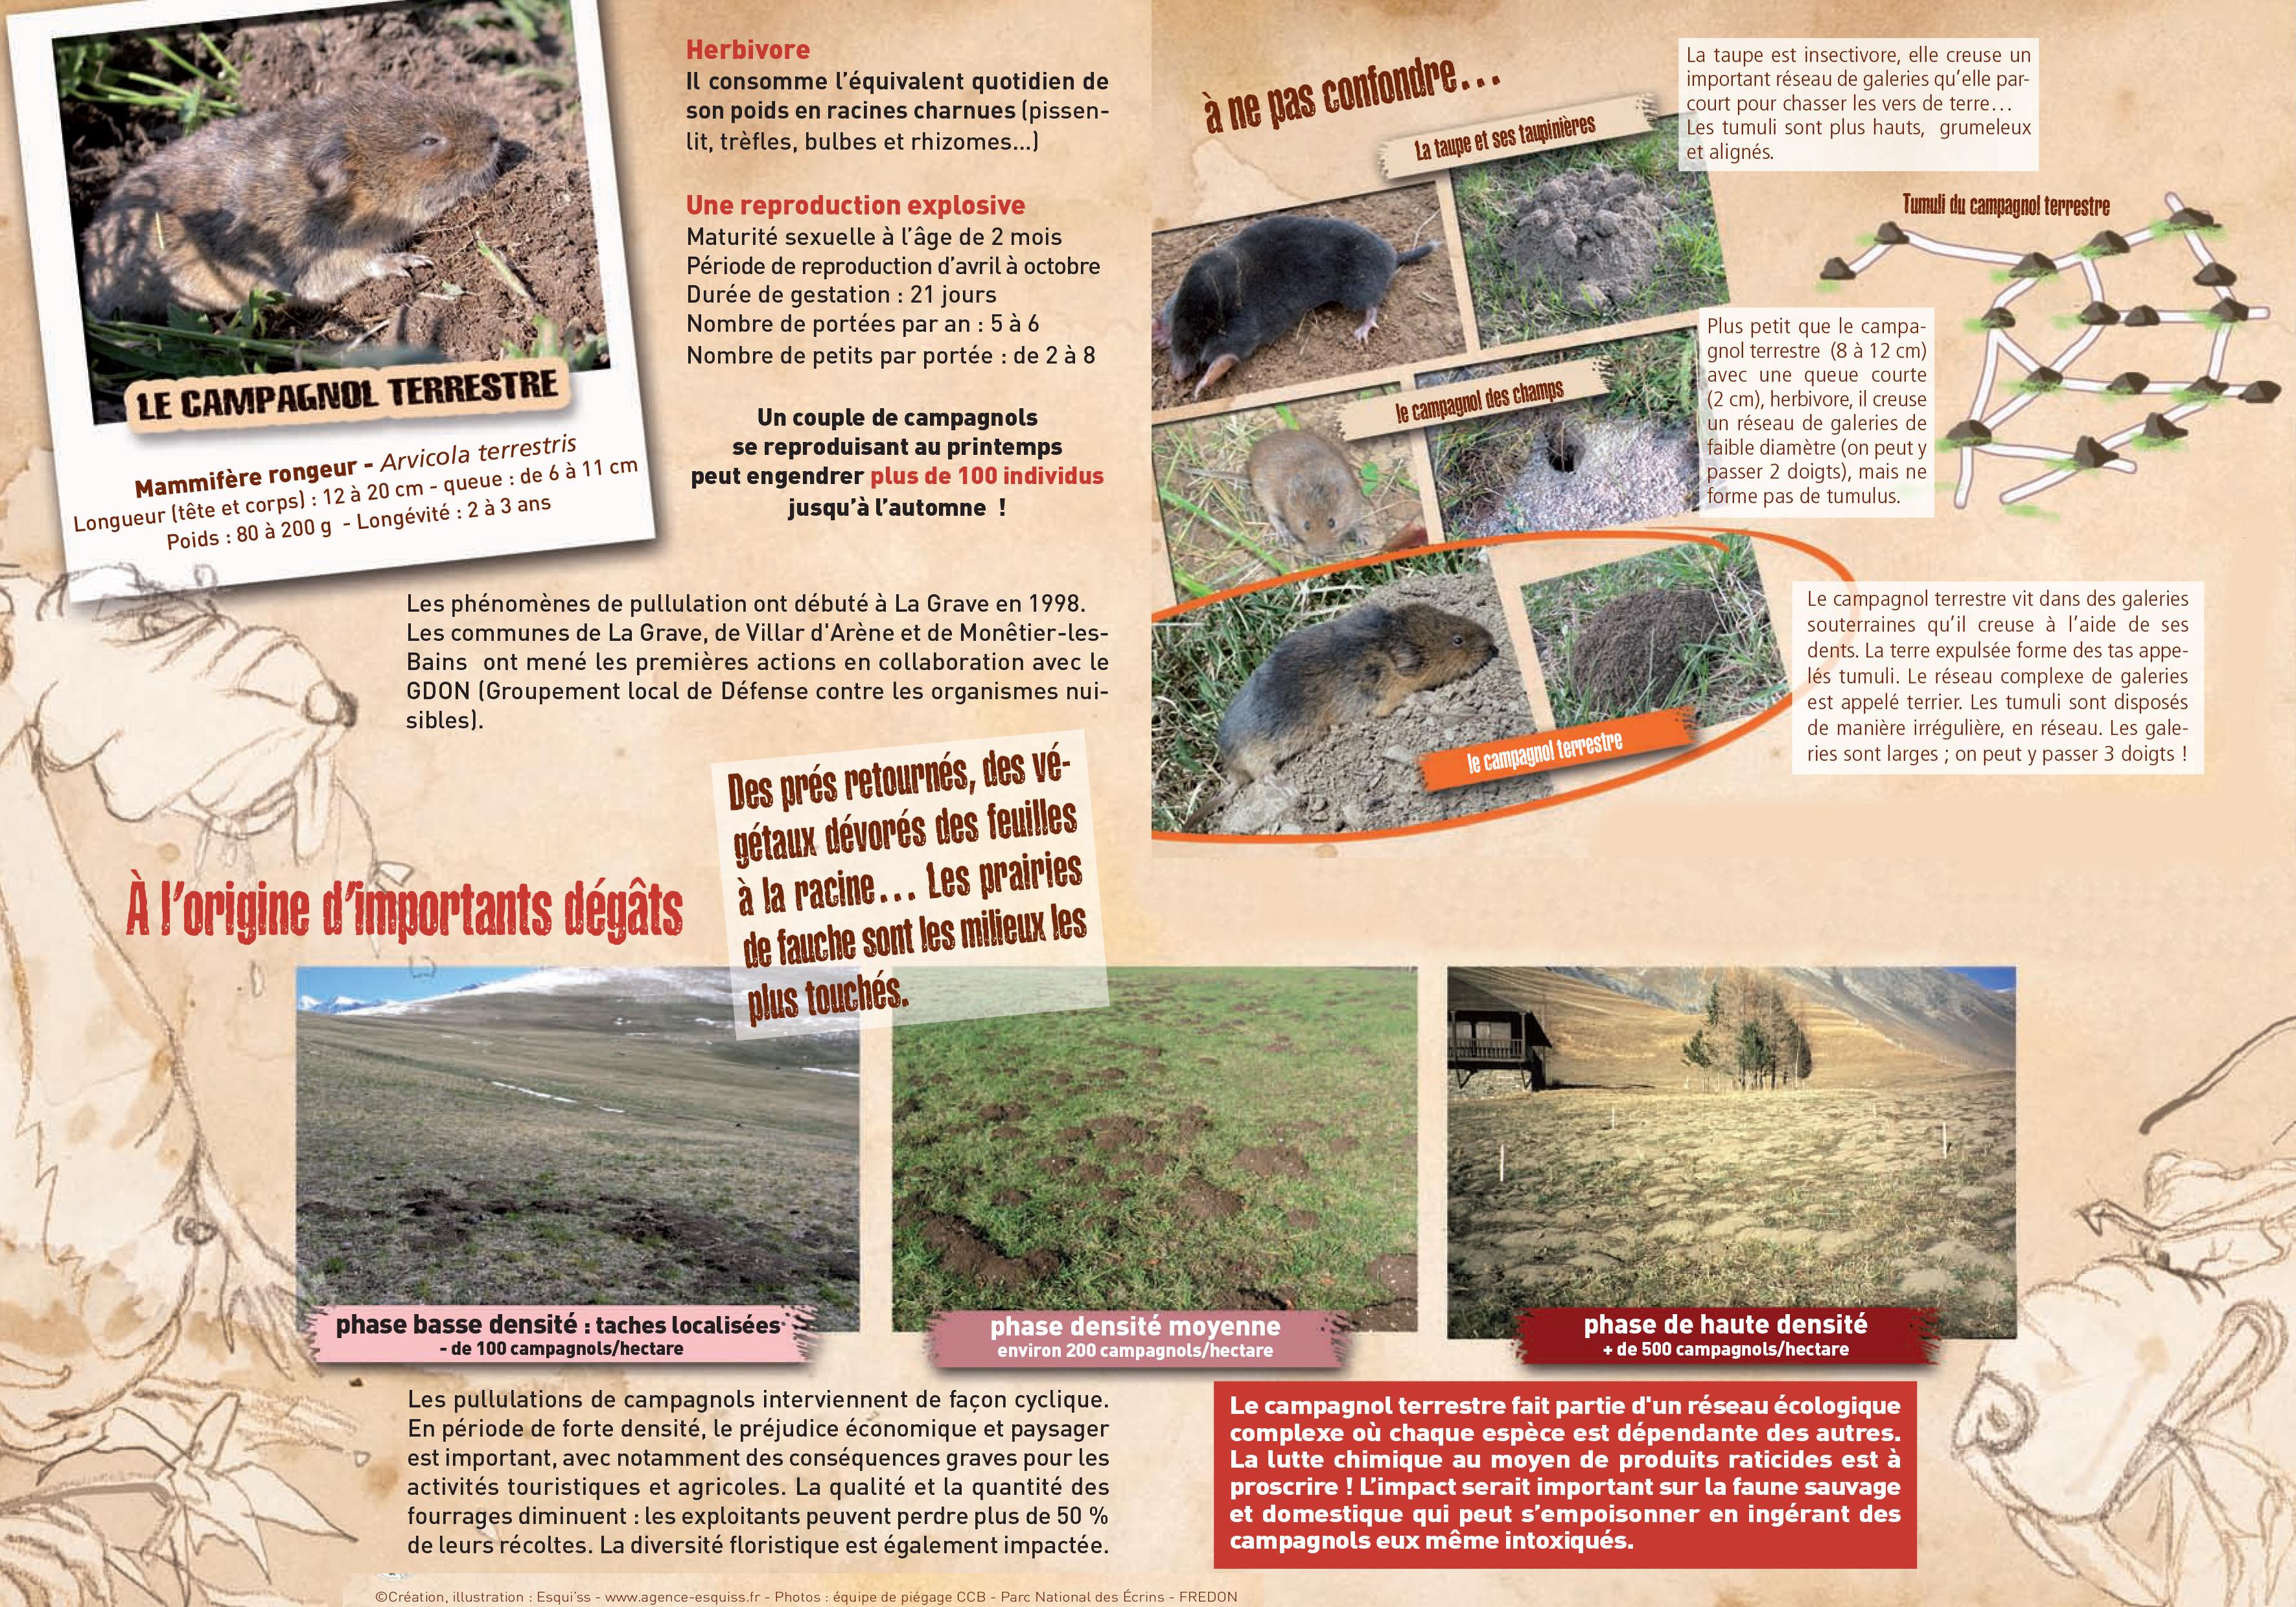 plan_de_lutte_contre_les_campagnols_ccb.jpg